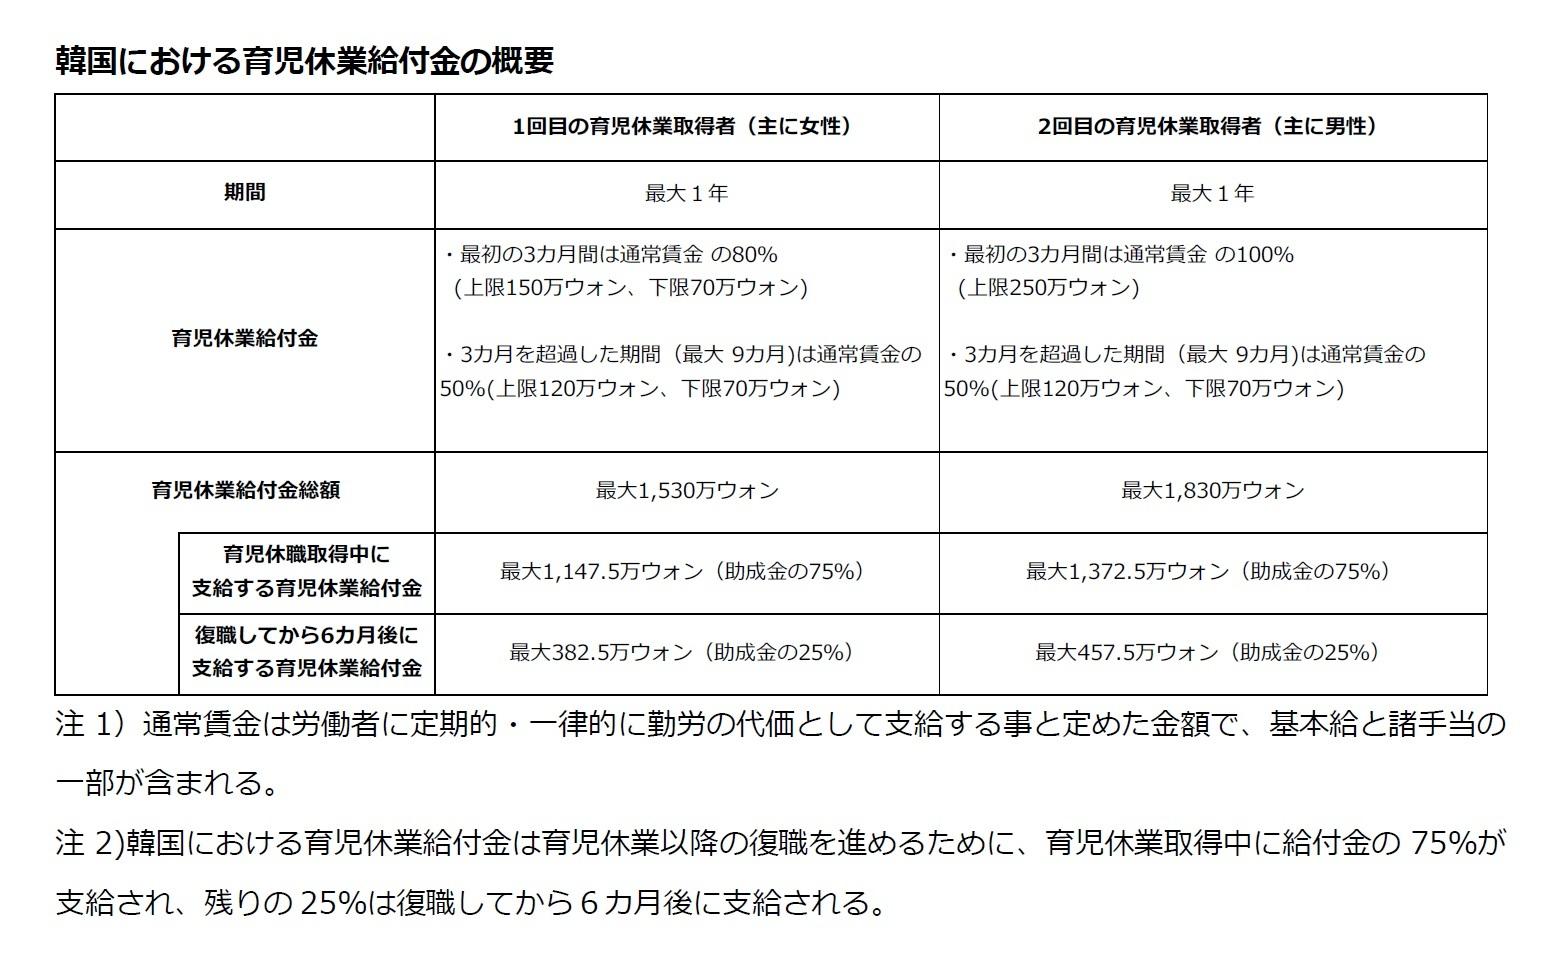 韓国における育児休業給付金の概要